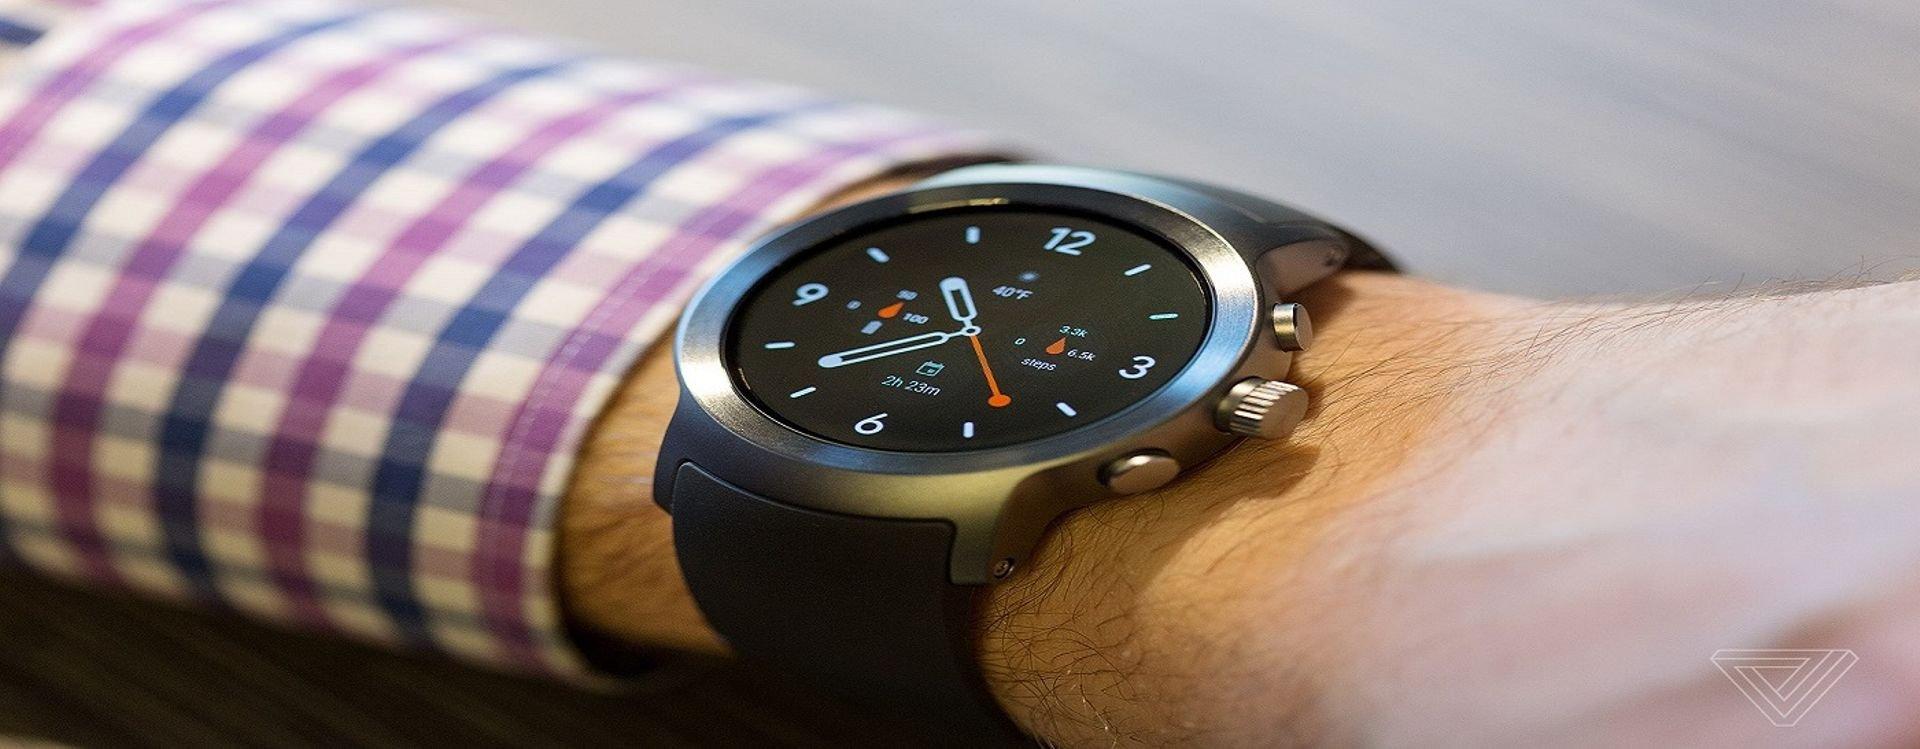 أهم المواصفات المتوقع لساعات ديزل الذكية، التصميم والسعر وموعد طرحها في الأسواق